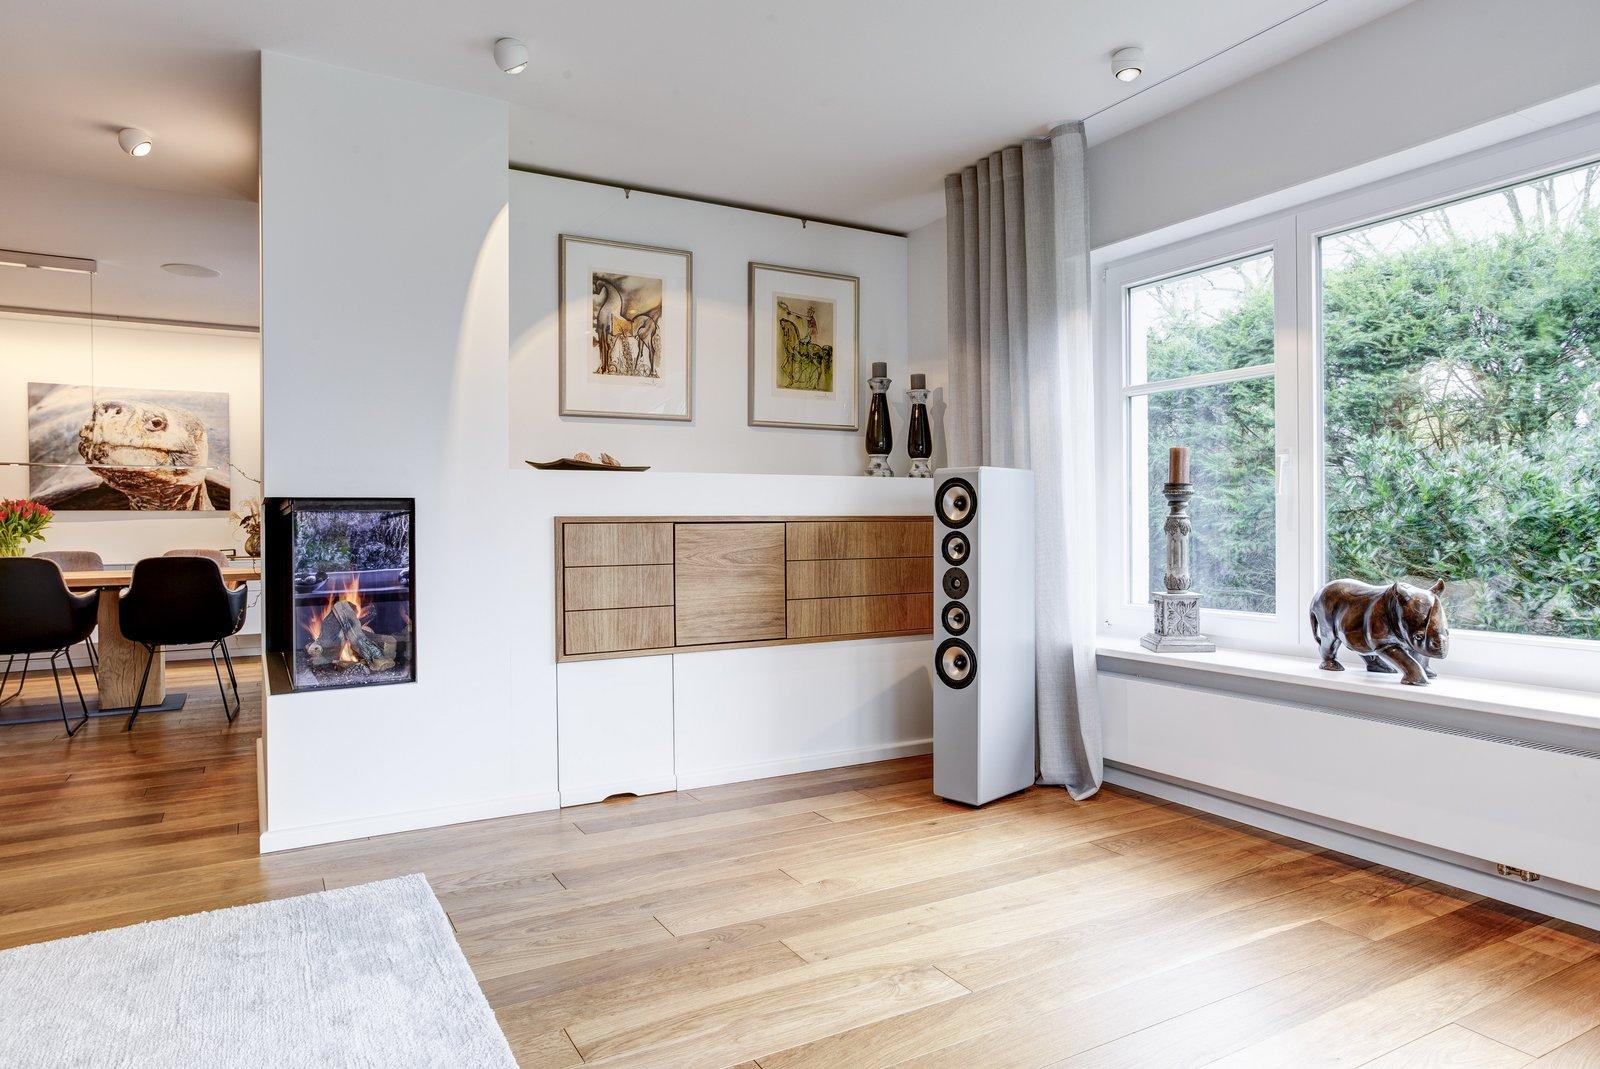 Umbau Wohnhaus mit offener Küche - EMBERT Innenarchitektur